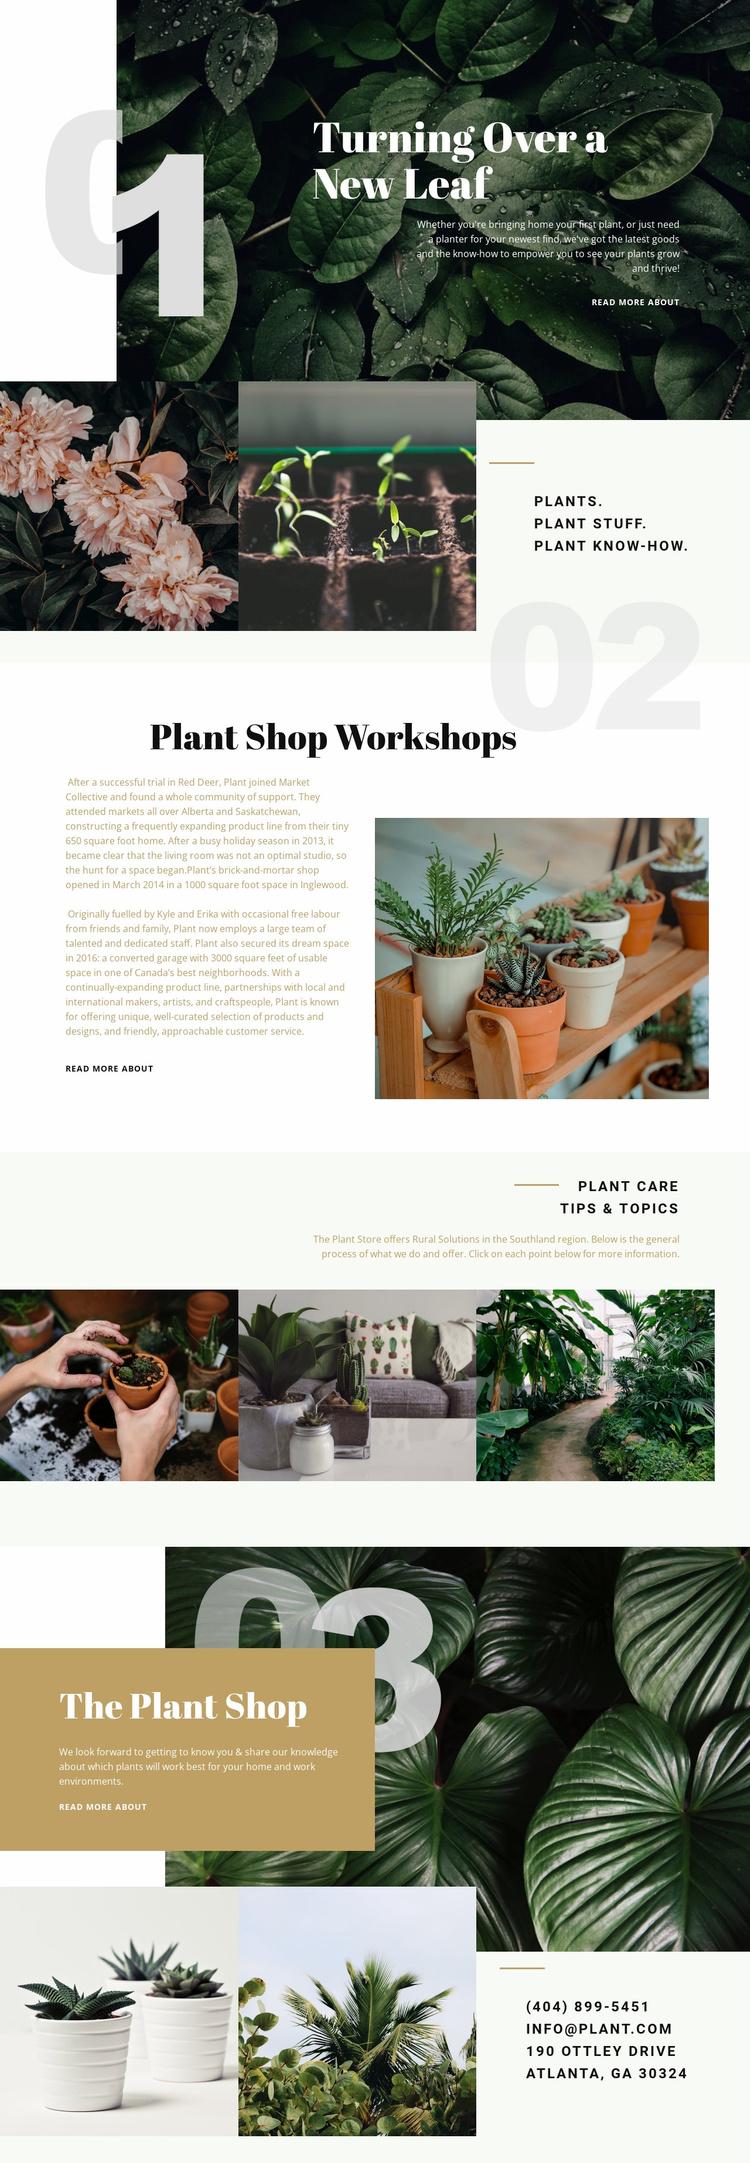 Plant Shop Landing Page